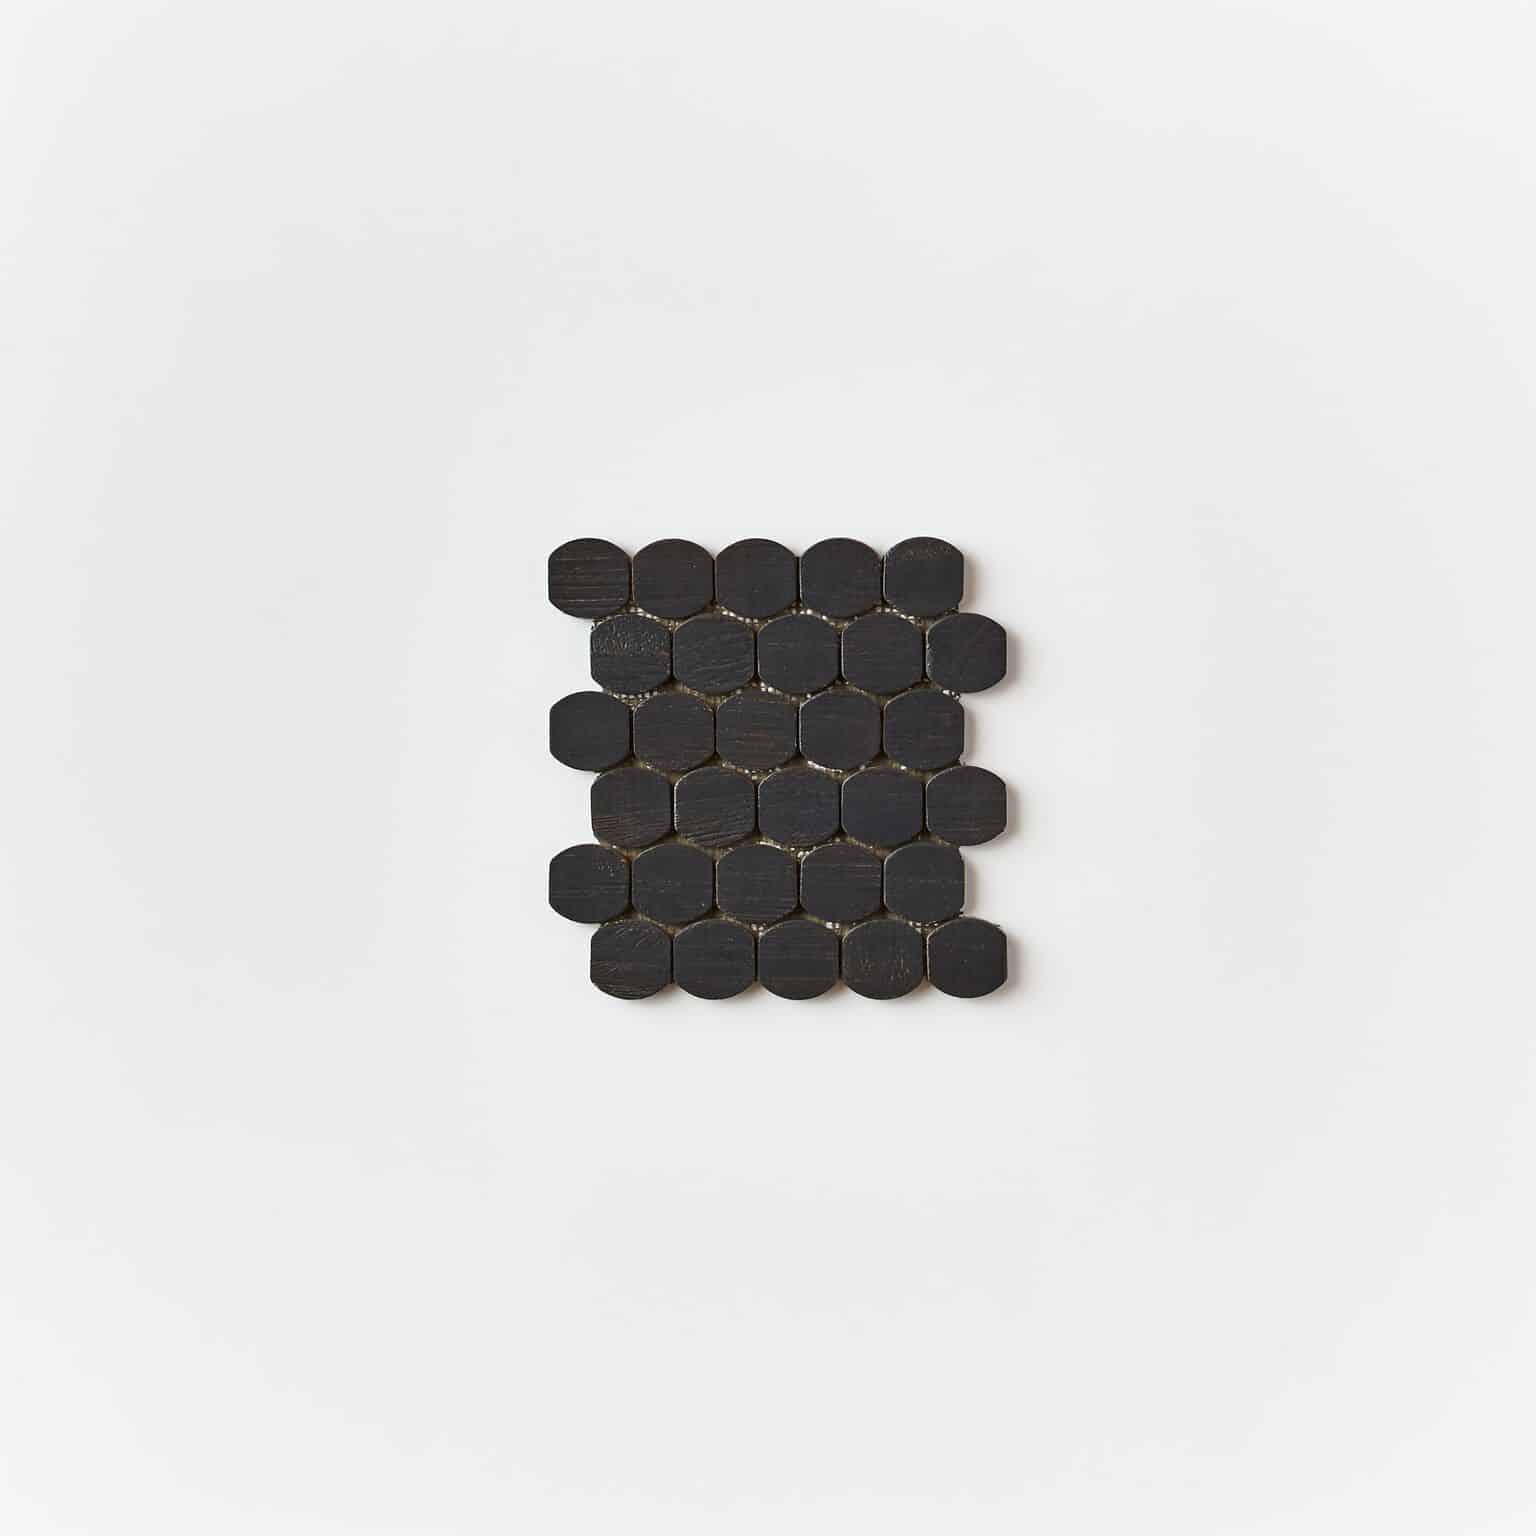 unspecified 25 - Teak Tile - Cask